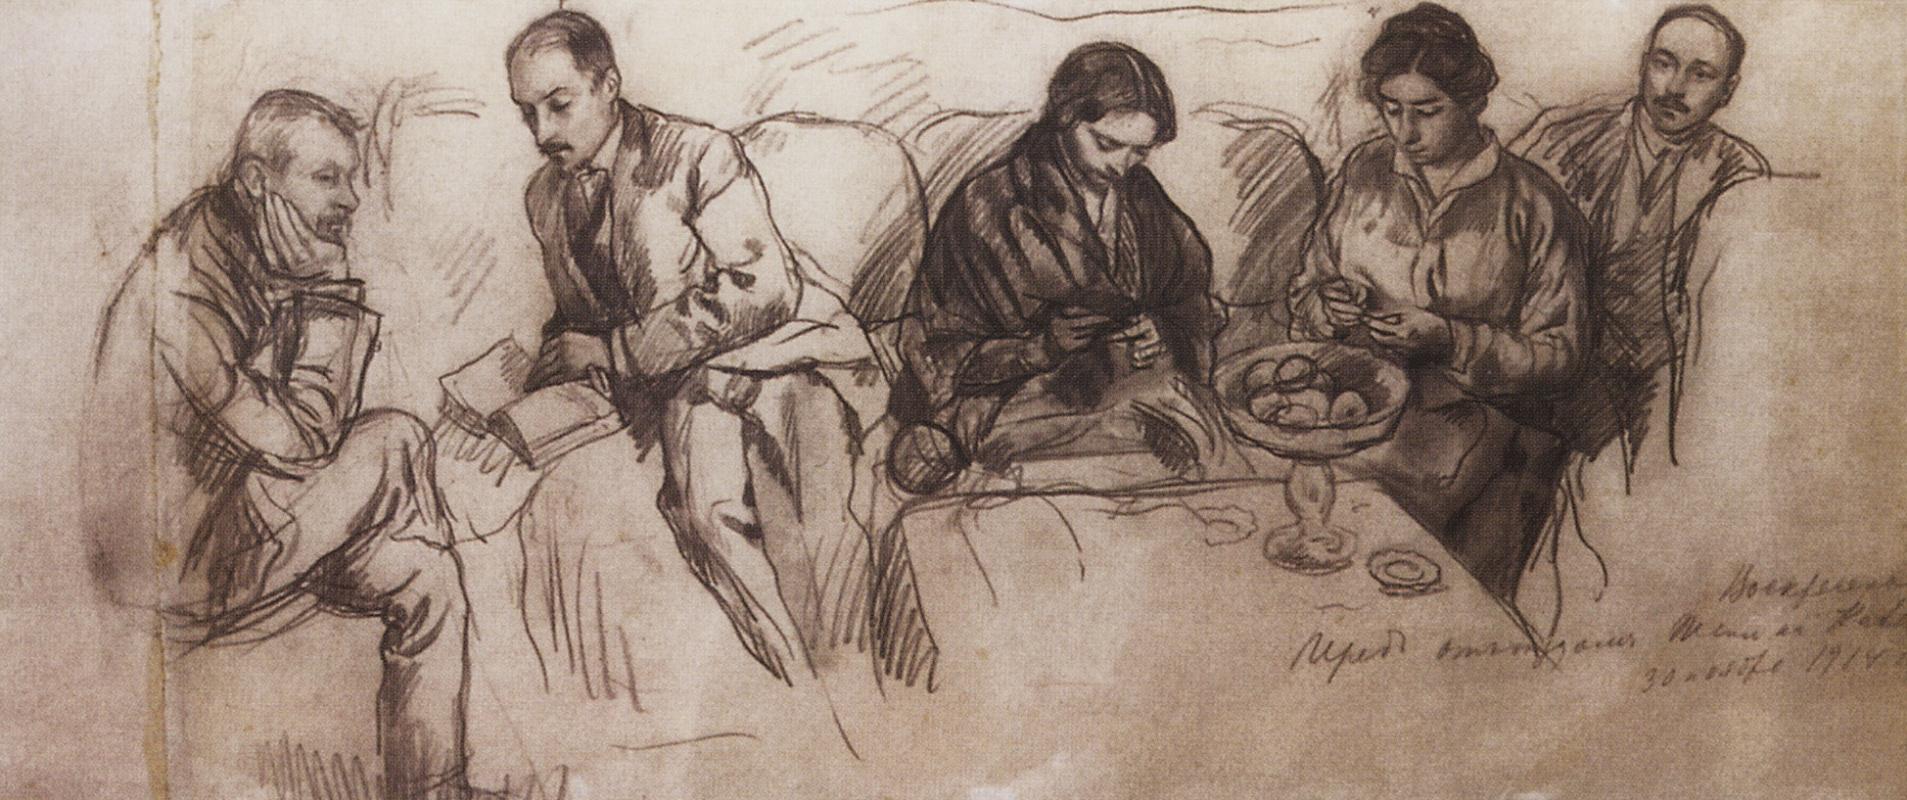 Zinaida Serebriakova. Family portrait (Before leaving E. E. Lansere in the Caucasus). Sketch